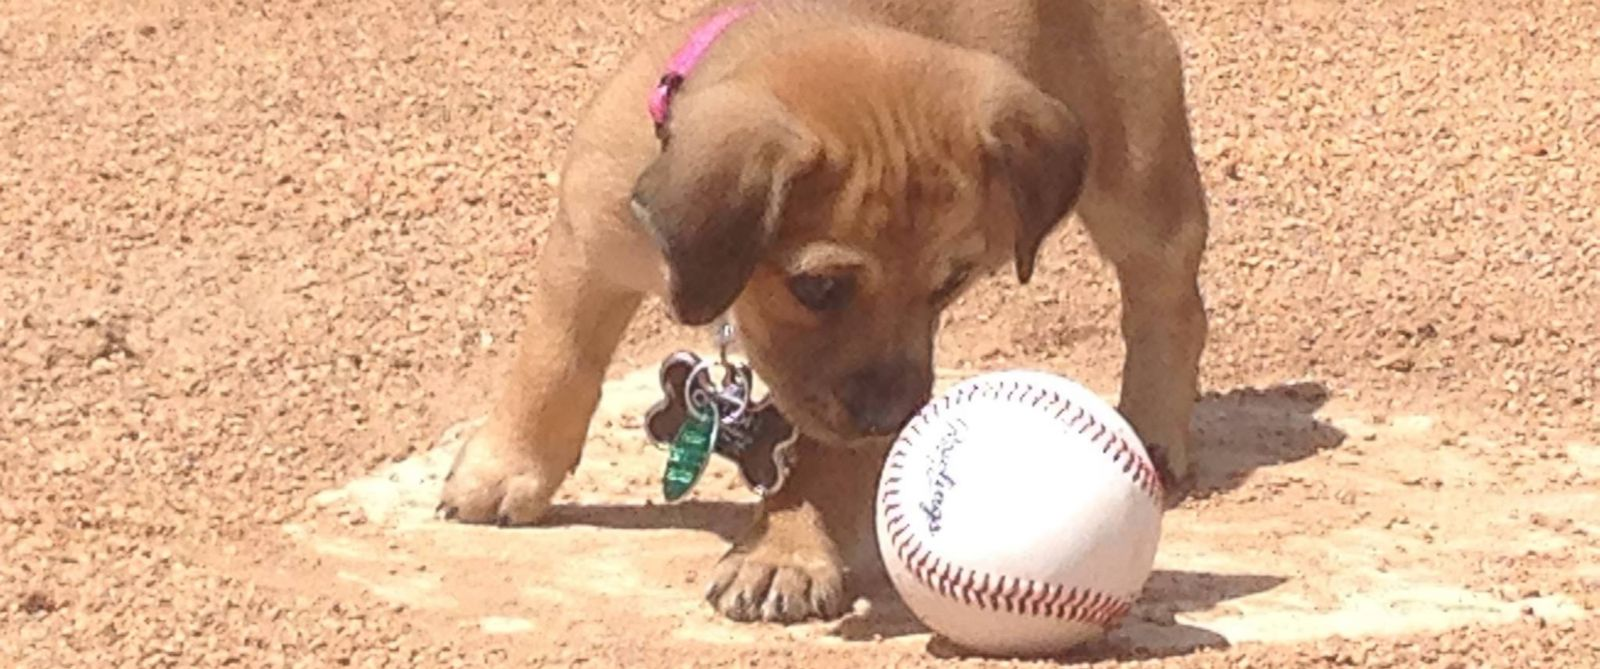 Baseball Team Adopts Dog